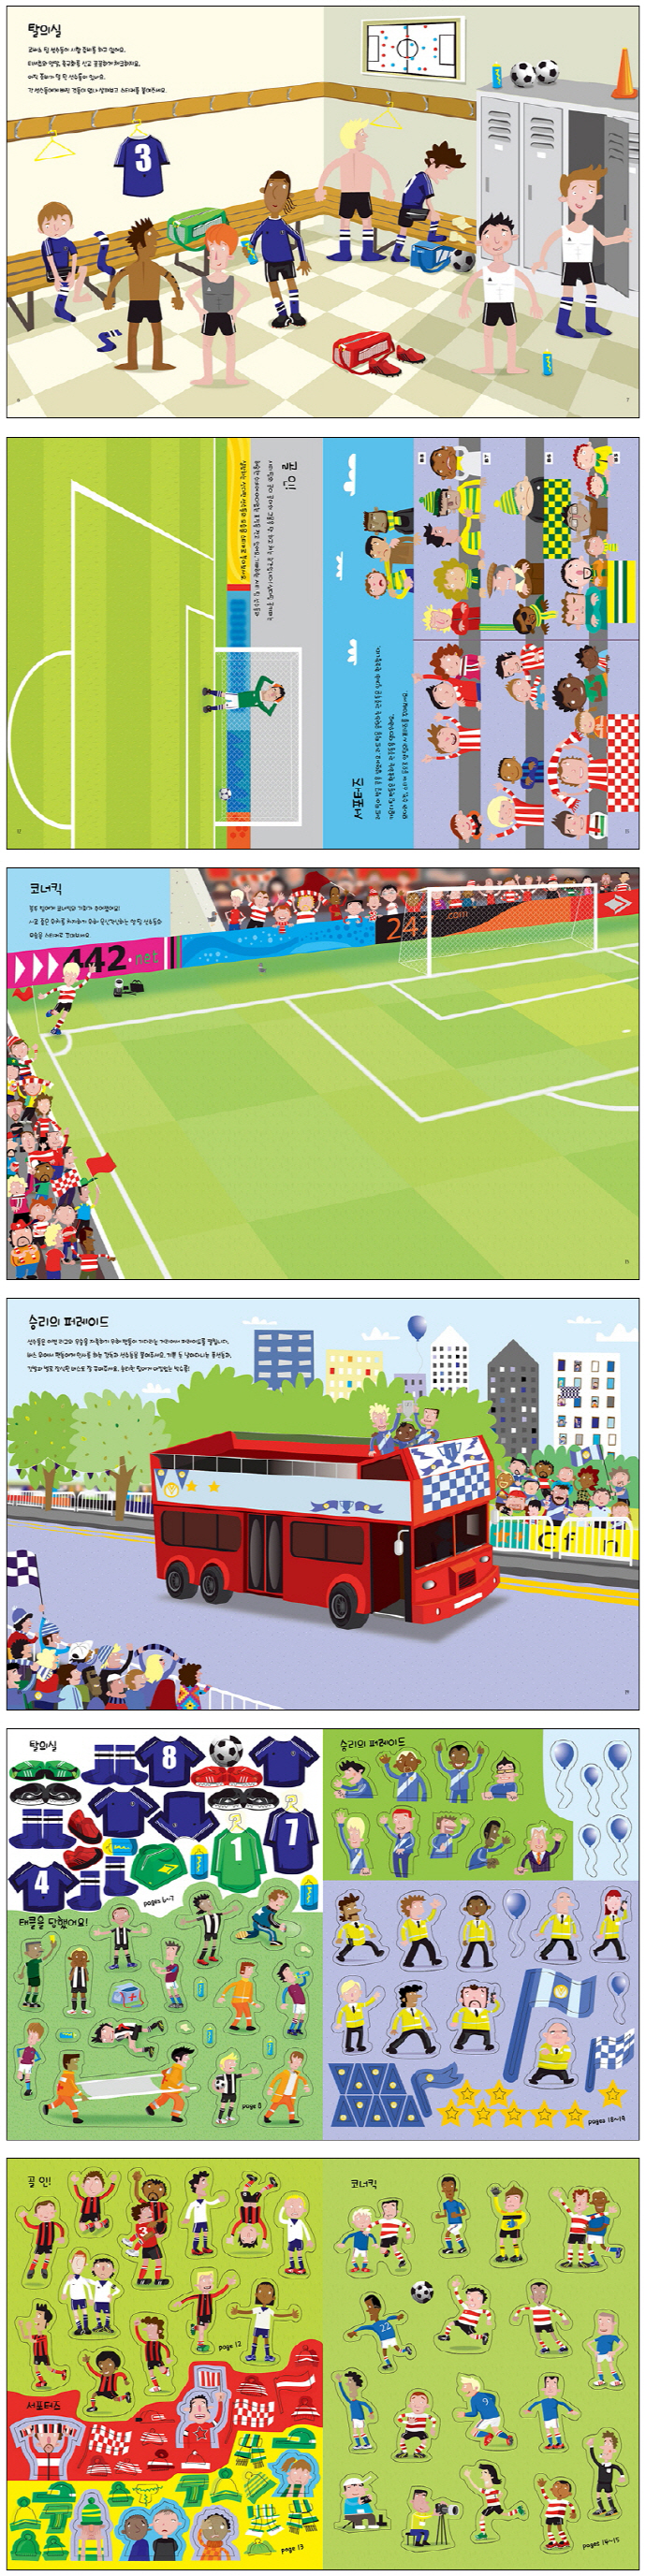 프로축구 빅매치(스티커 원더랜드 3)(스티커북) 도서 상세이미지